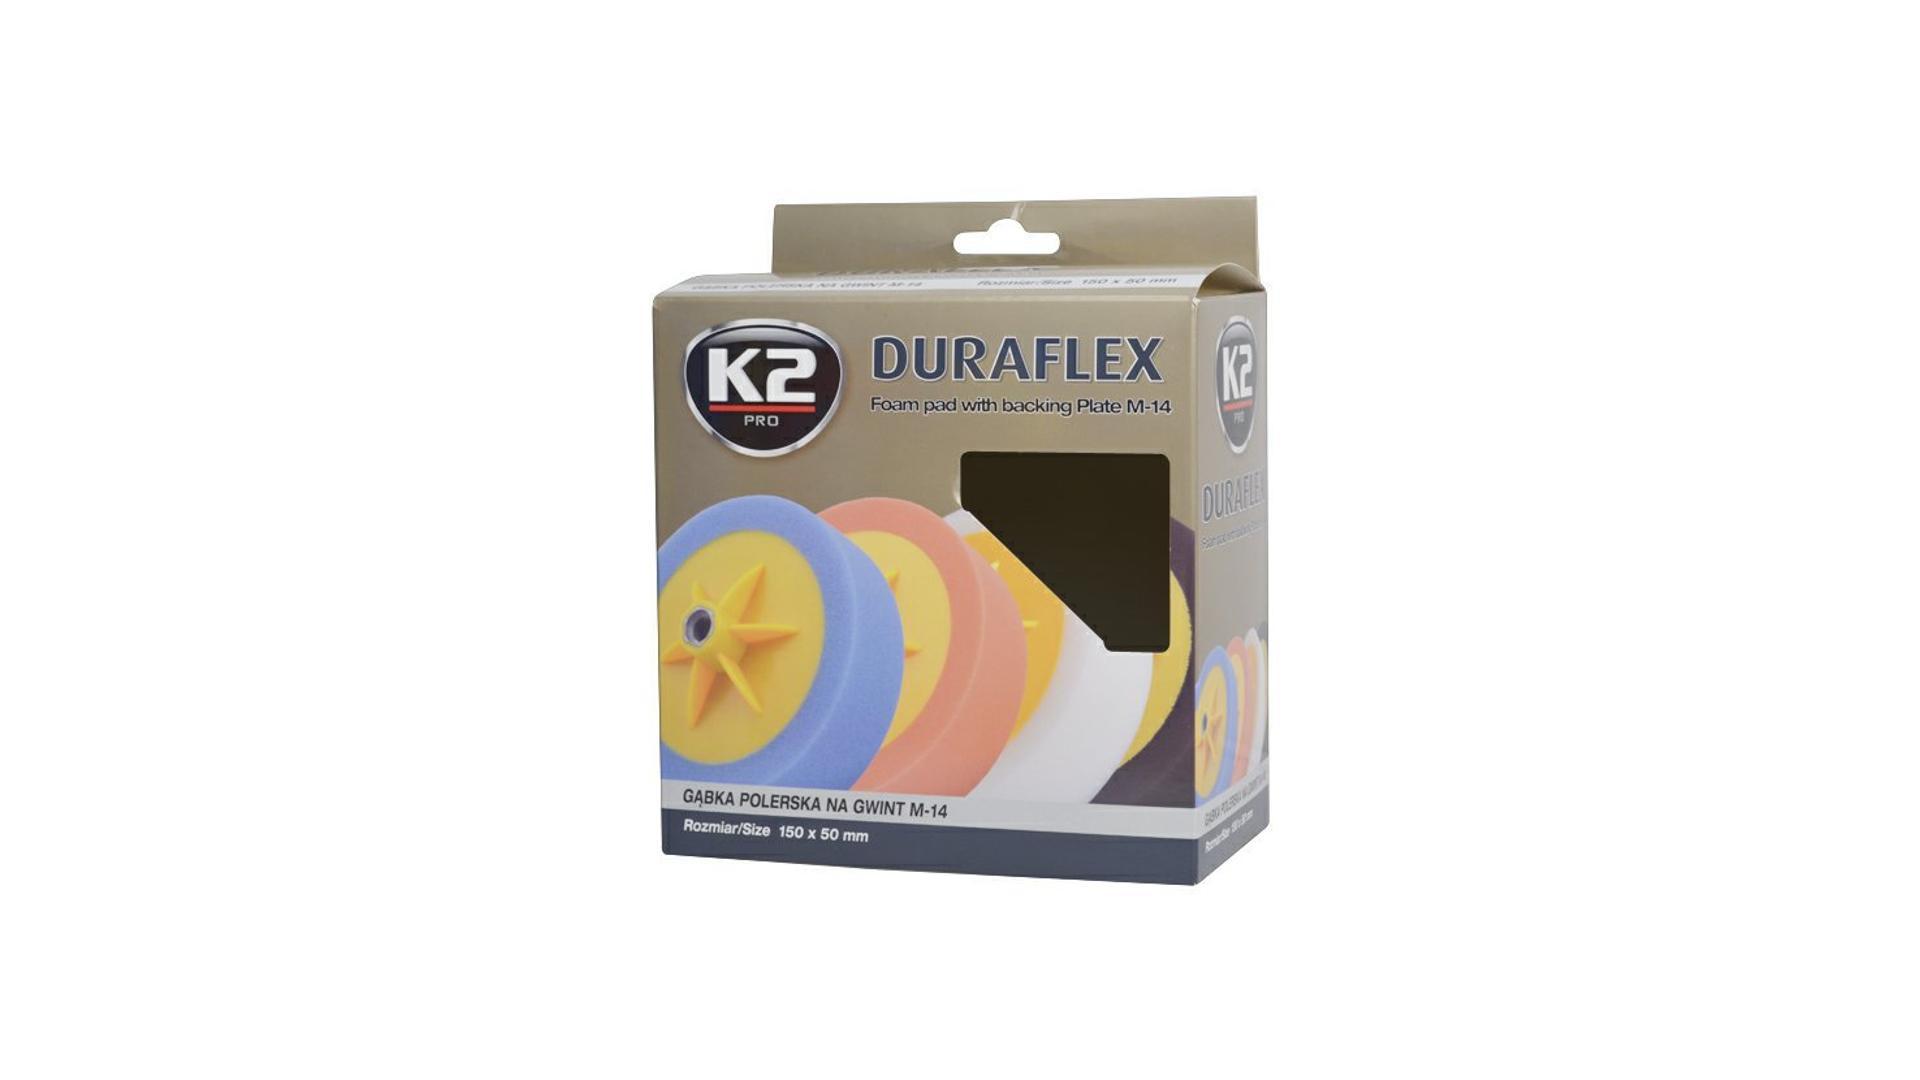 K2 Duraflex lešíci houba s uchytním talířem 150x50mm ČERNÁ